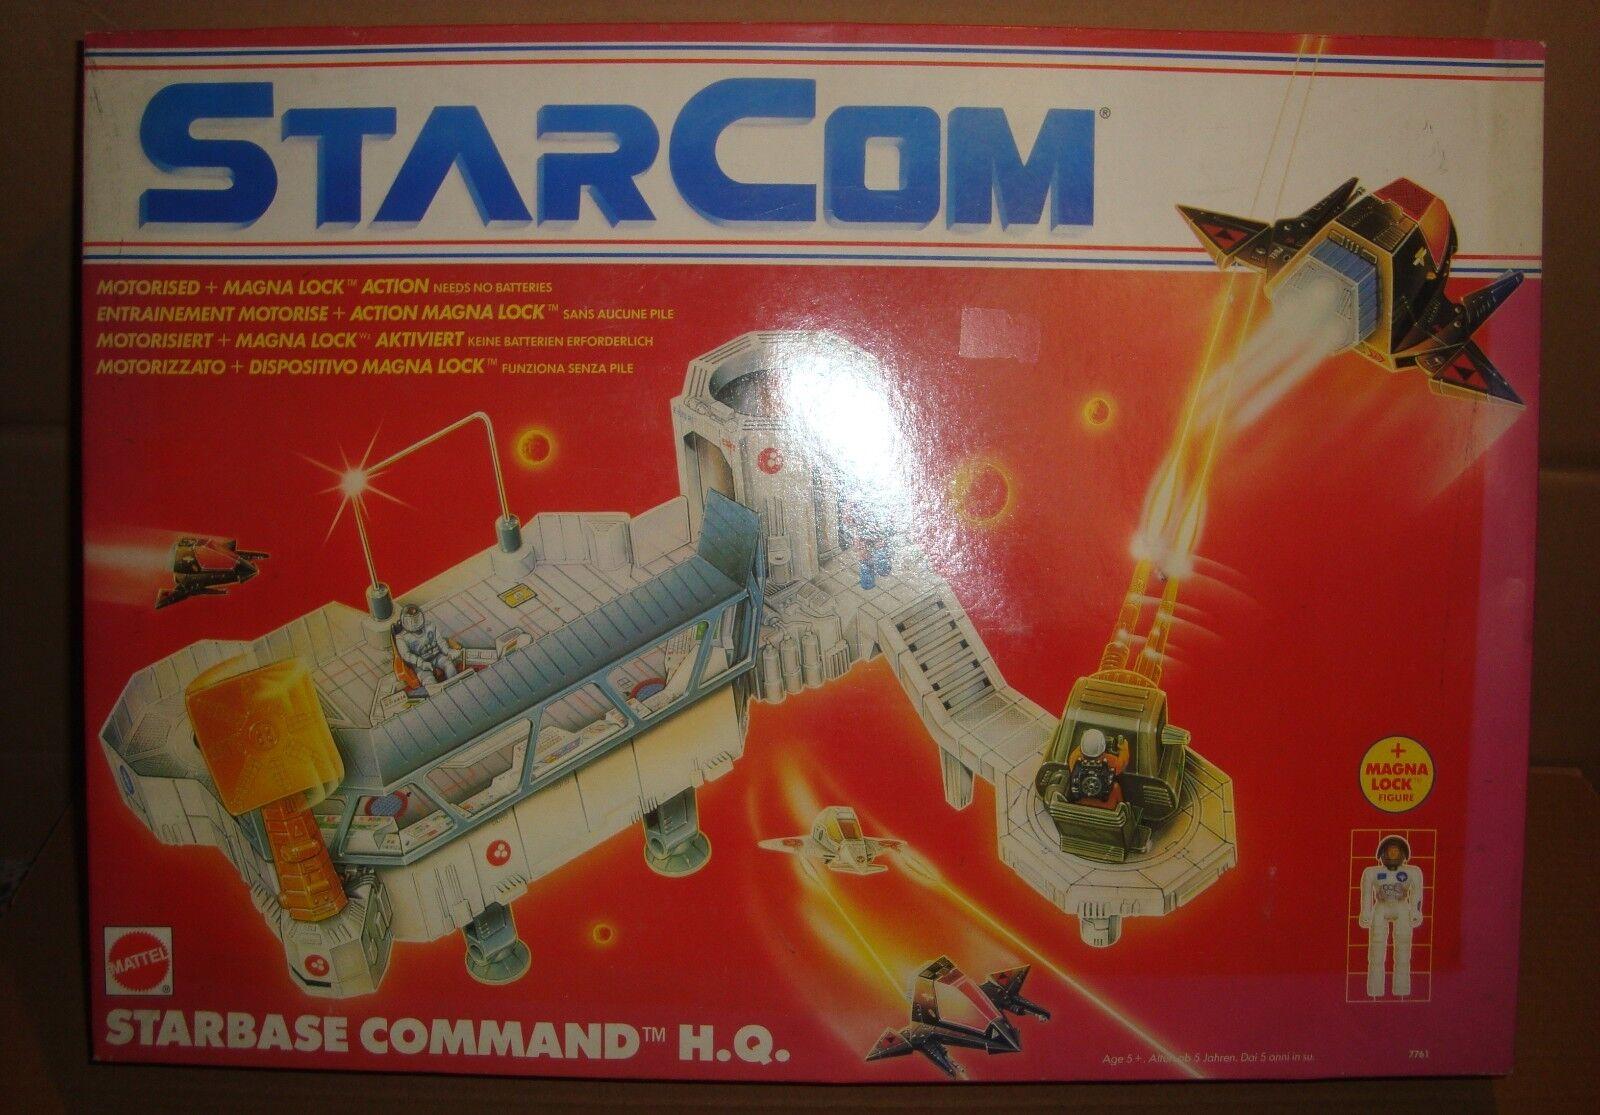 estrellaCOM THE U.S. spazio FORCE estrellaBASE COMuomoD H.Q. HEADQUARTERS MATTEL 1990